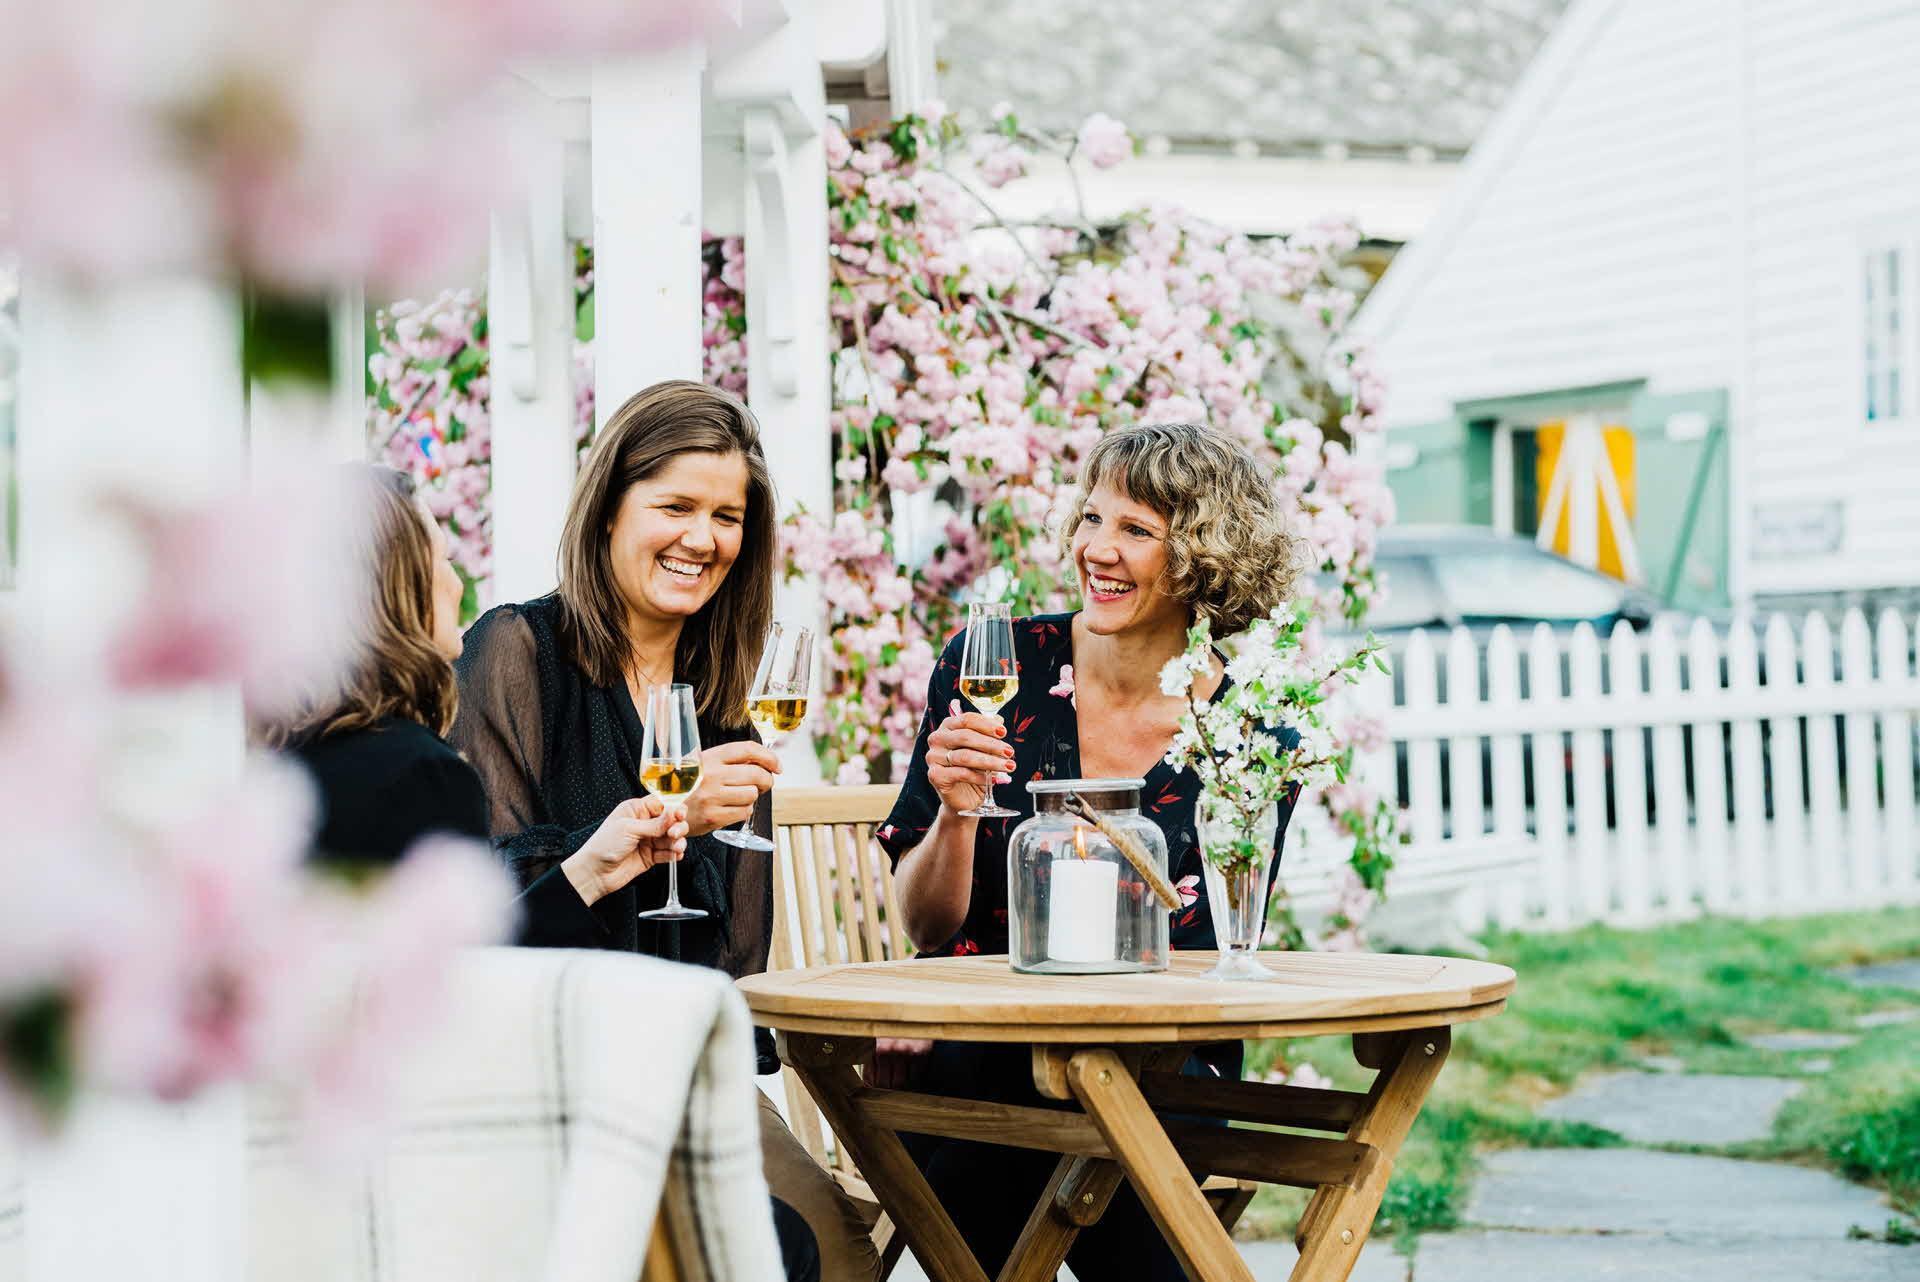 Drei lächelnde Damen trinken Apfelwein in einem Blumengarten in Hardanger